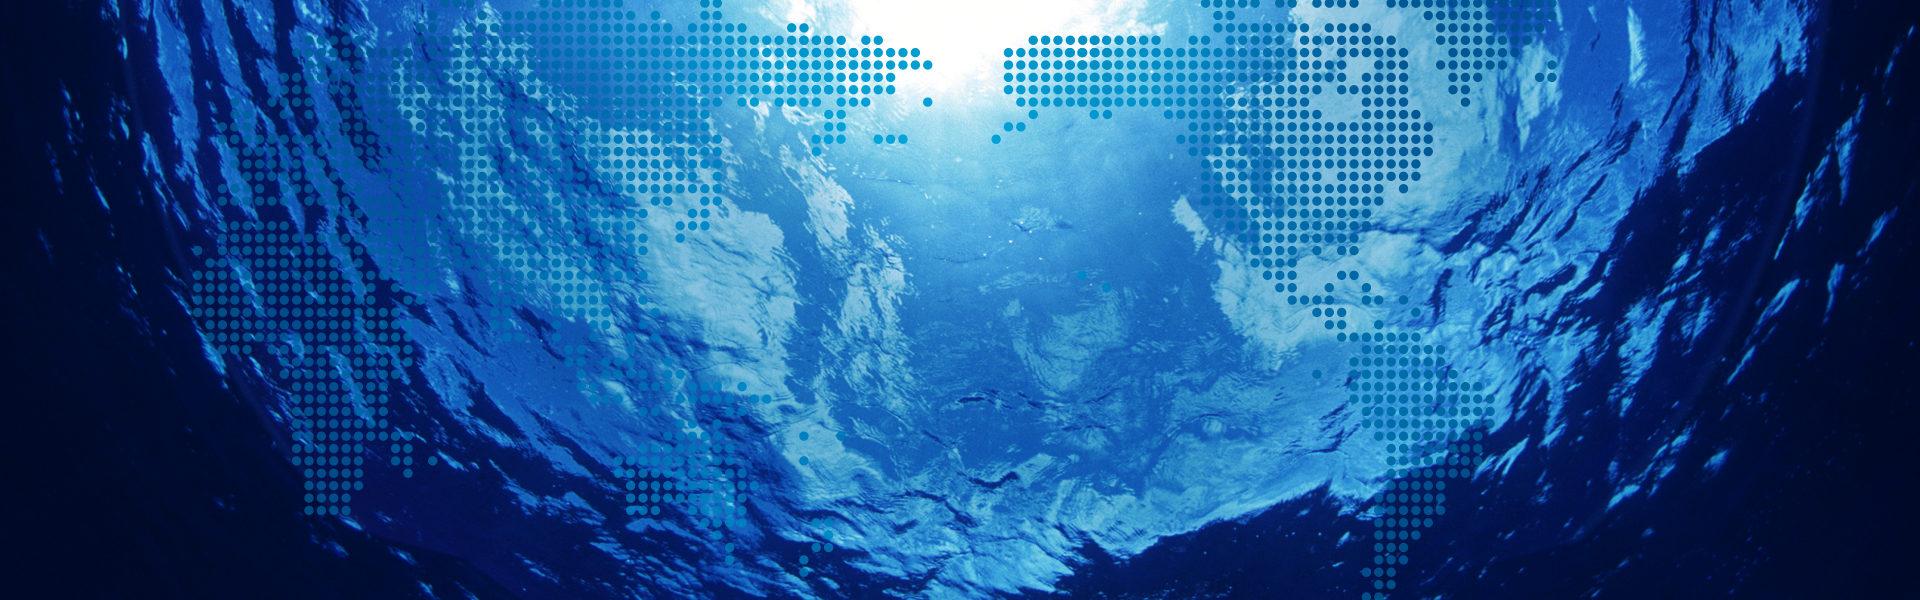 タイの生産拠点からASEAN諸国、北米、南米、そしてヨーロッパへ。<br>成長市場にフォーカスするグローバル戦略が本格始動。